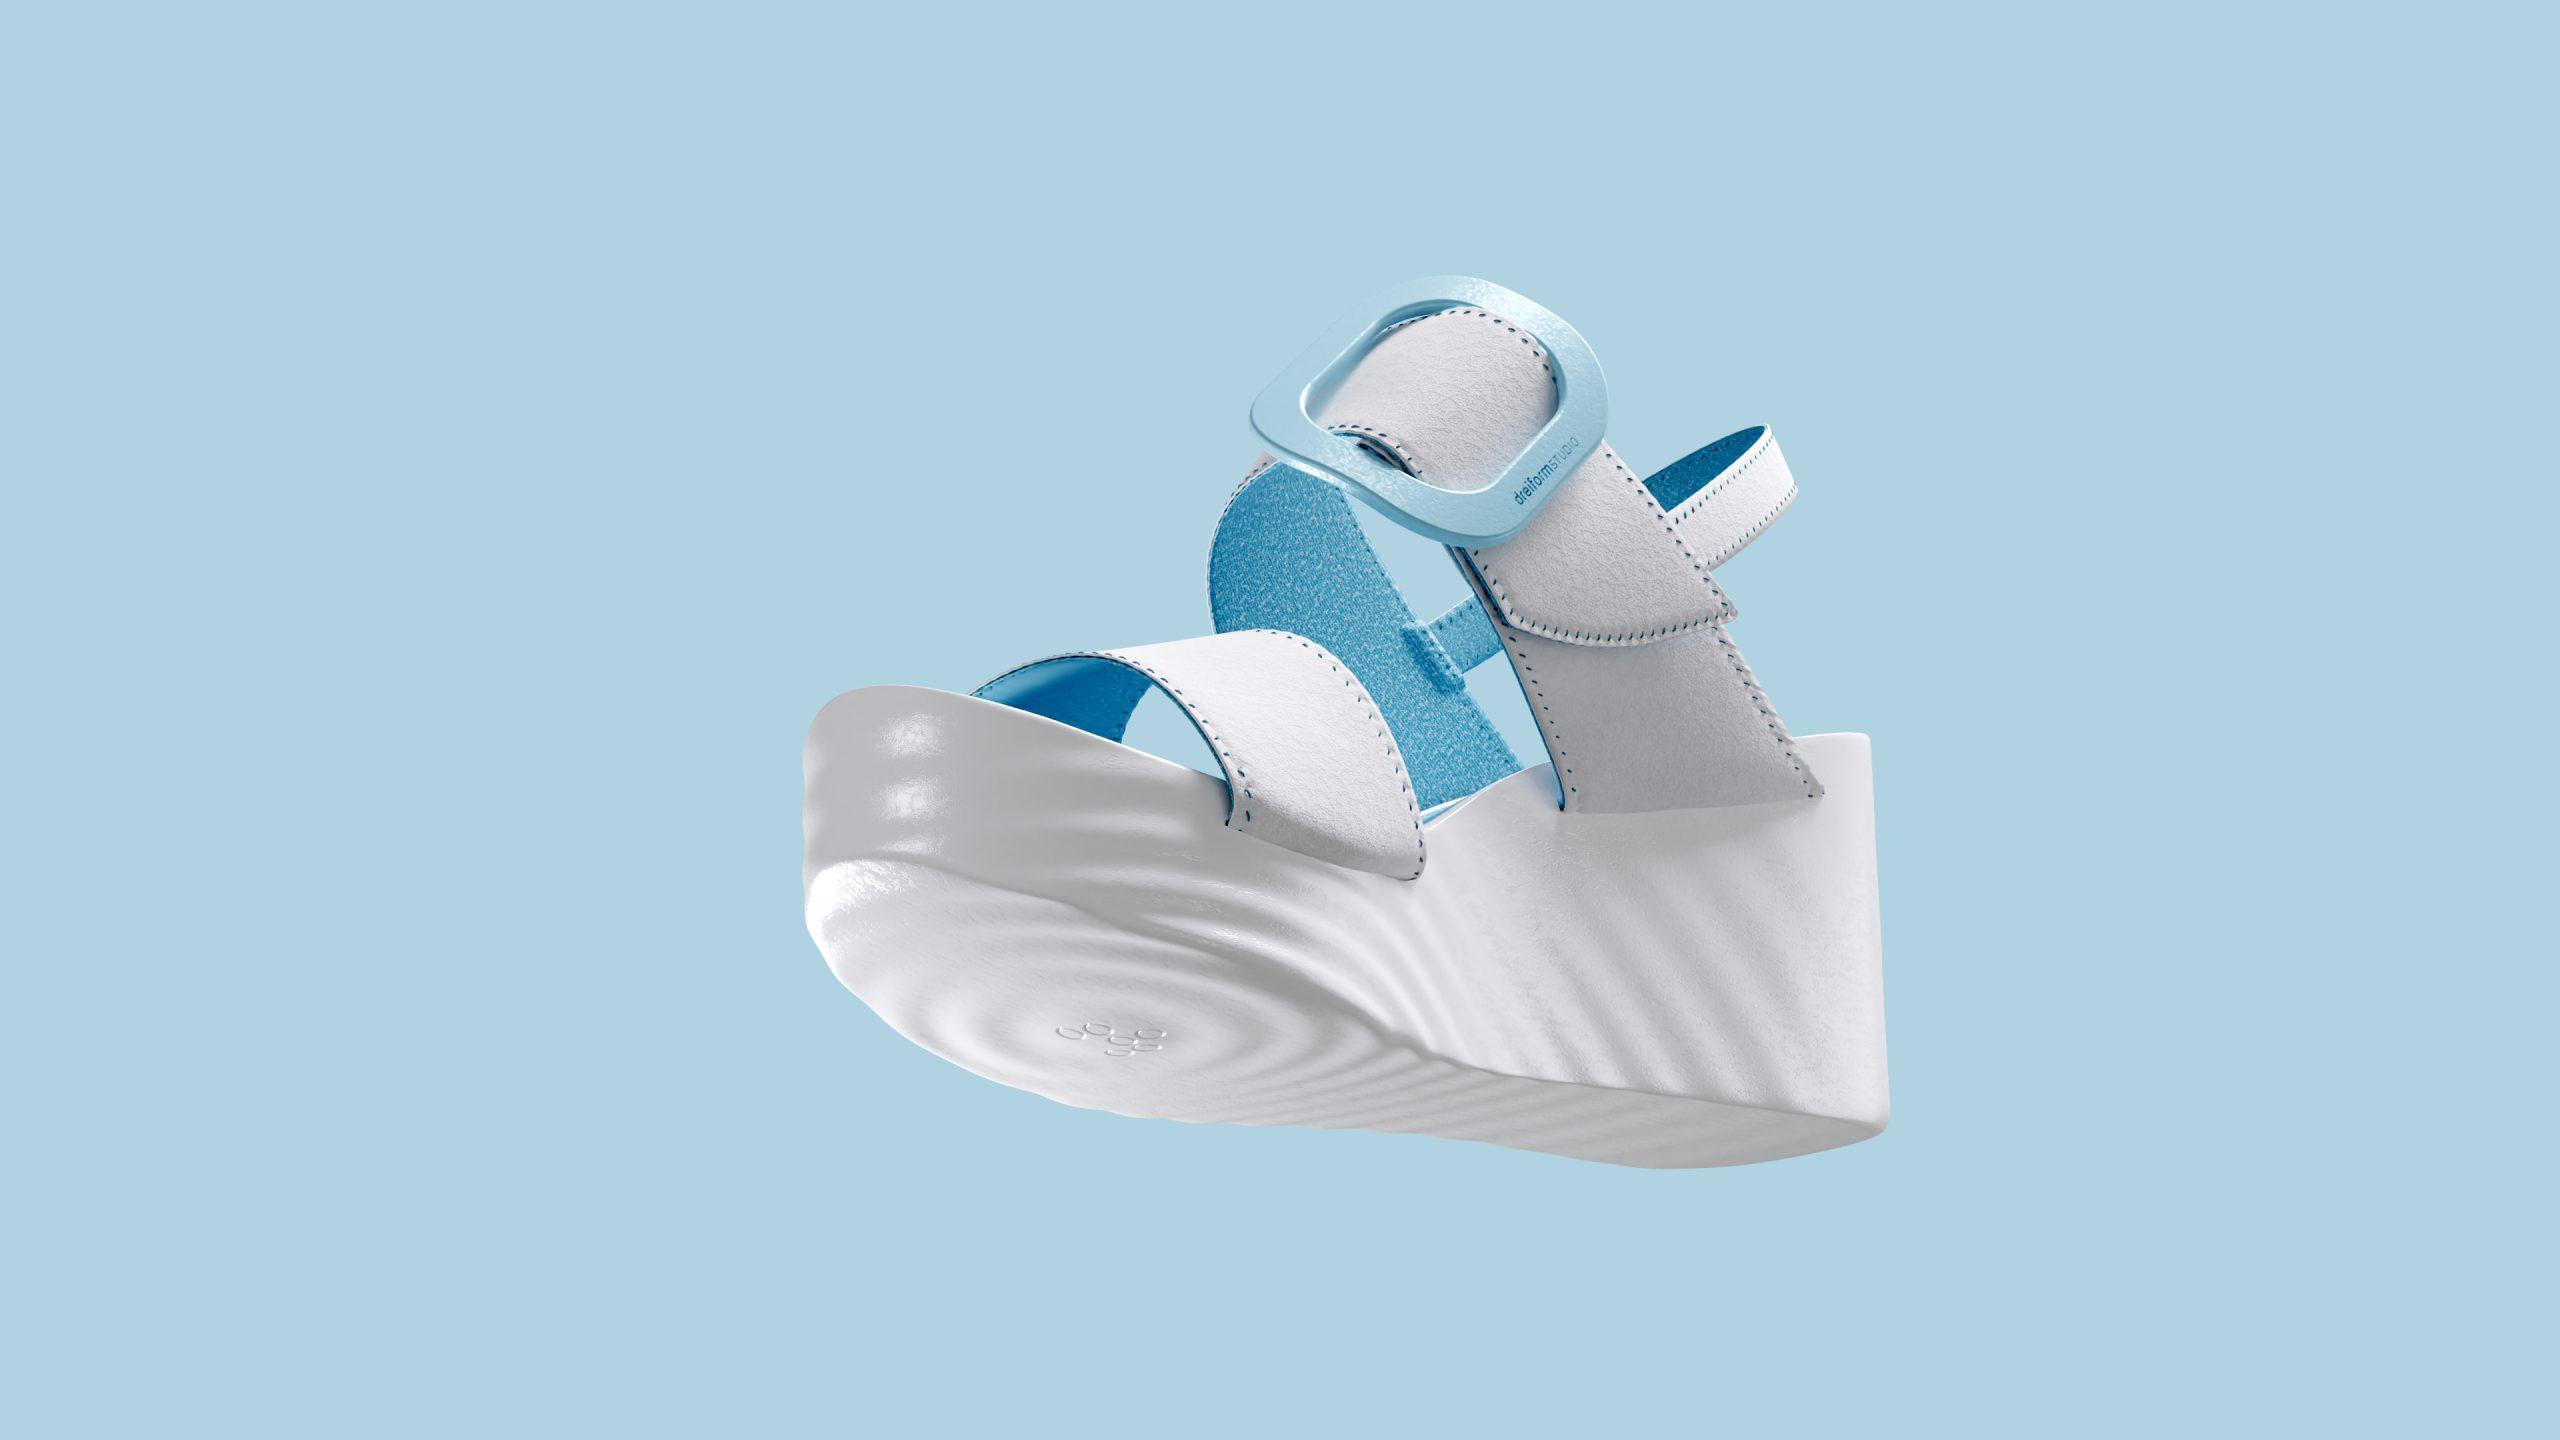 dreiformstudio white concept wedge sandals on blue background, view below